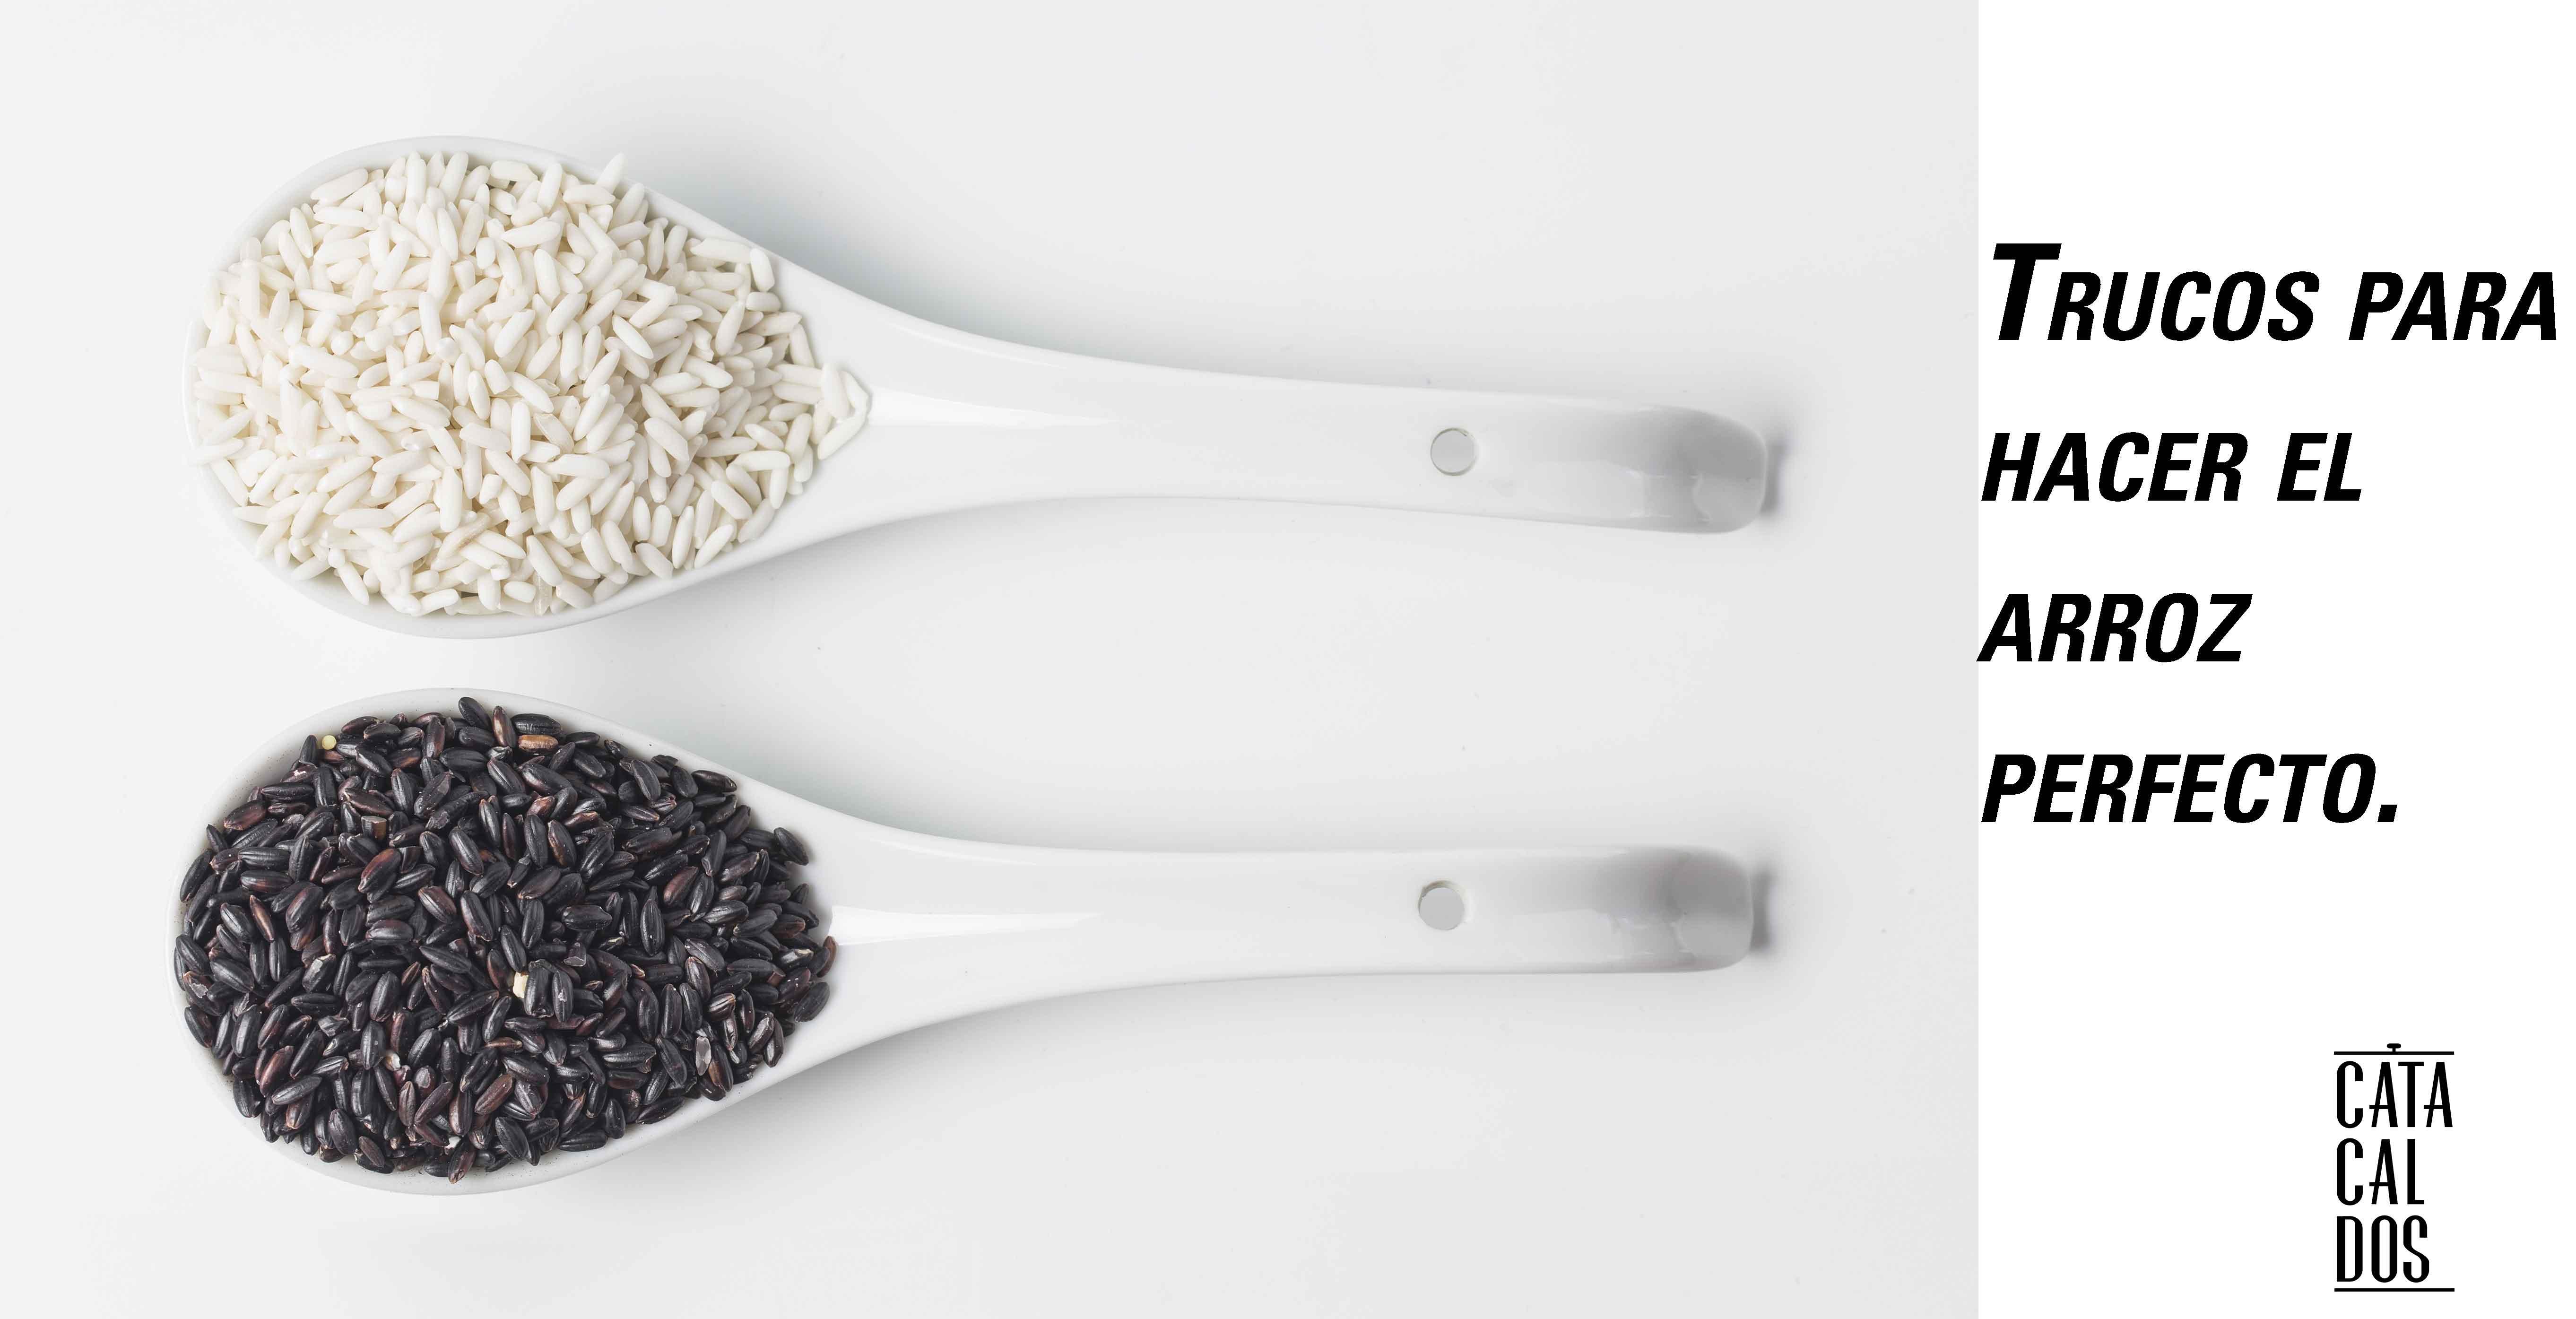 trucos para hacer el arroz perfecto